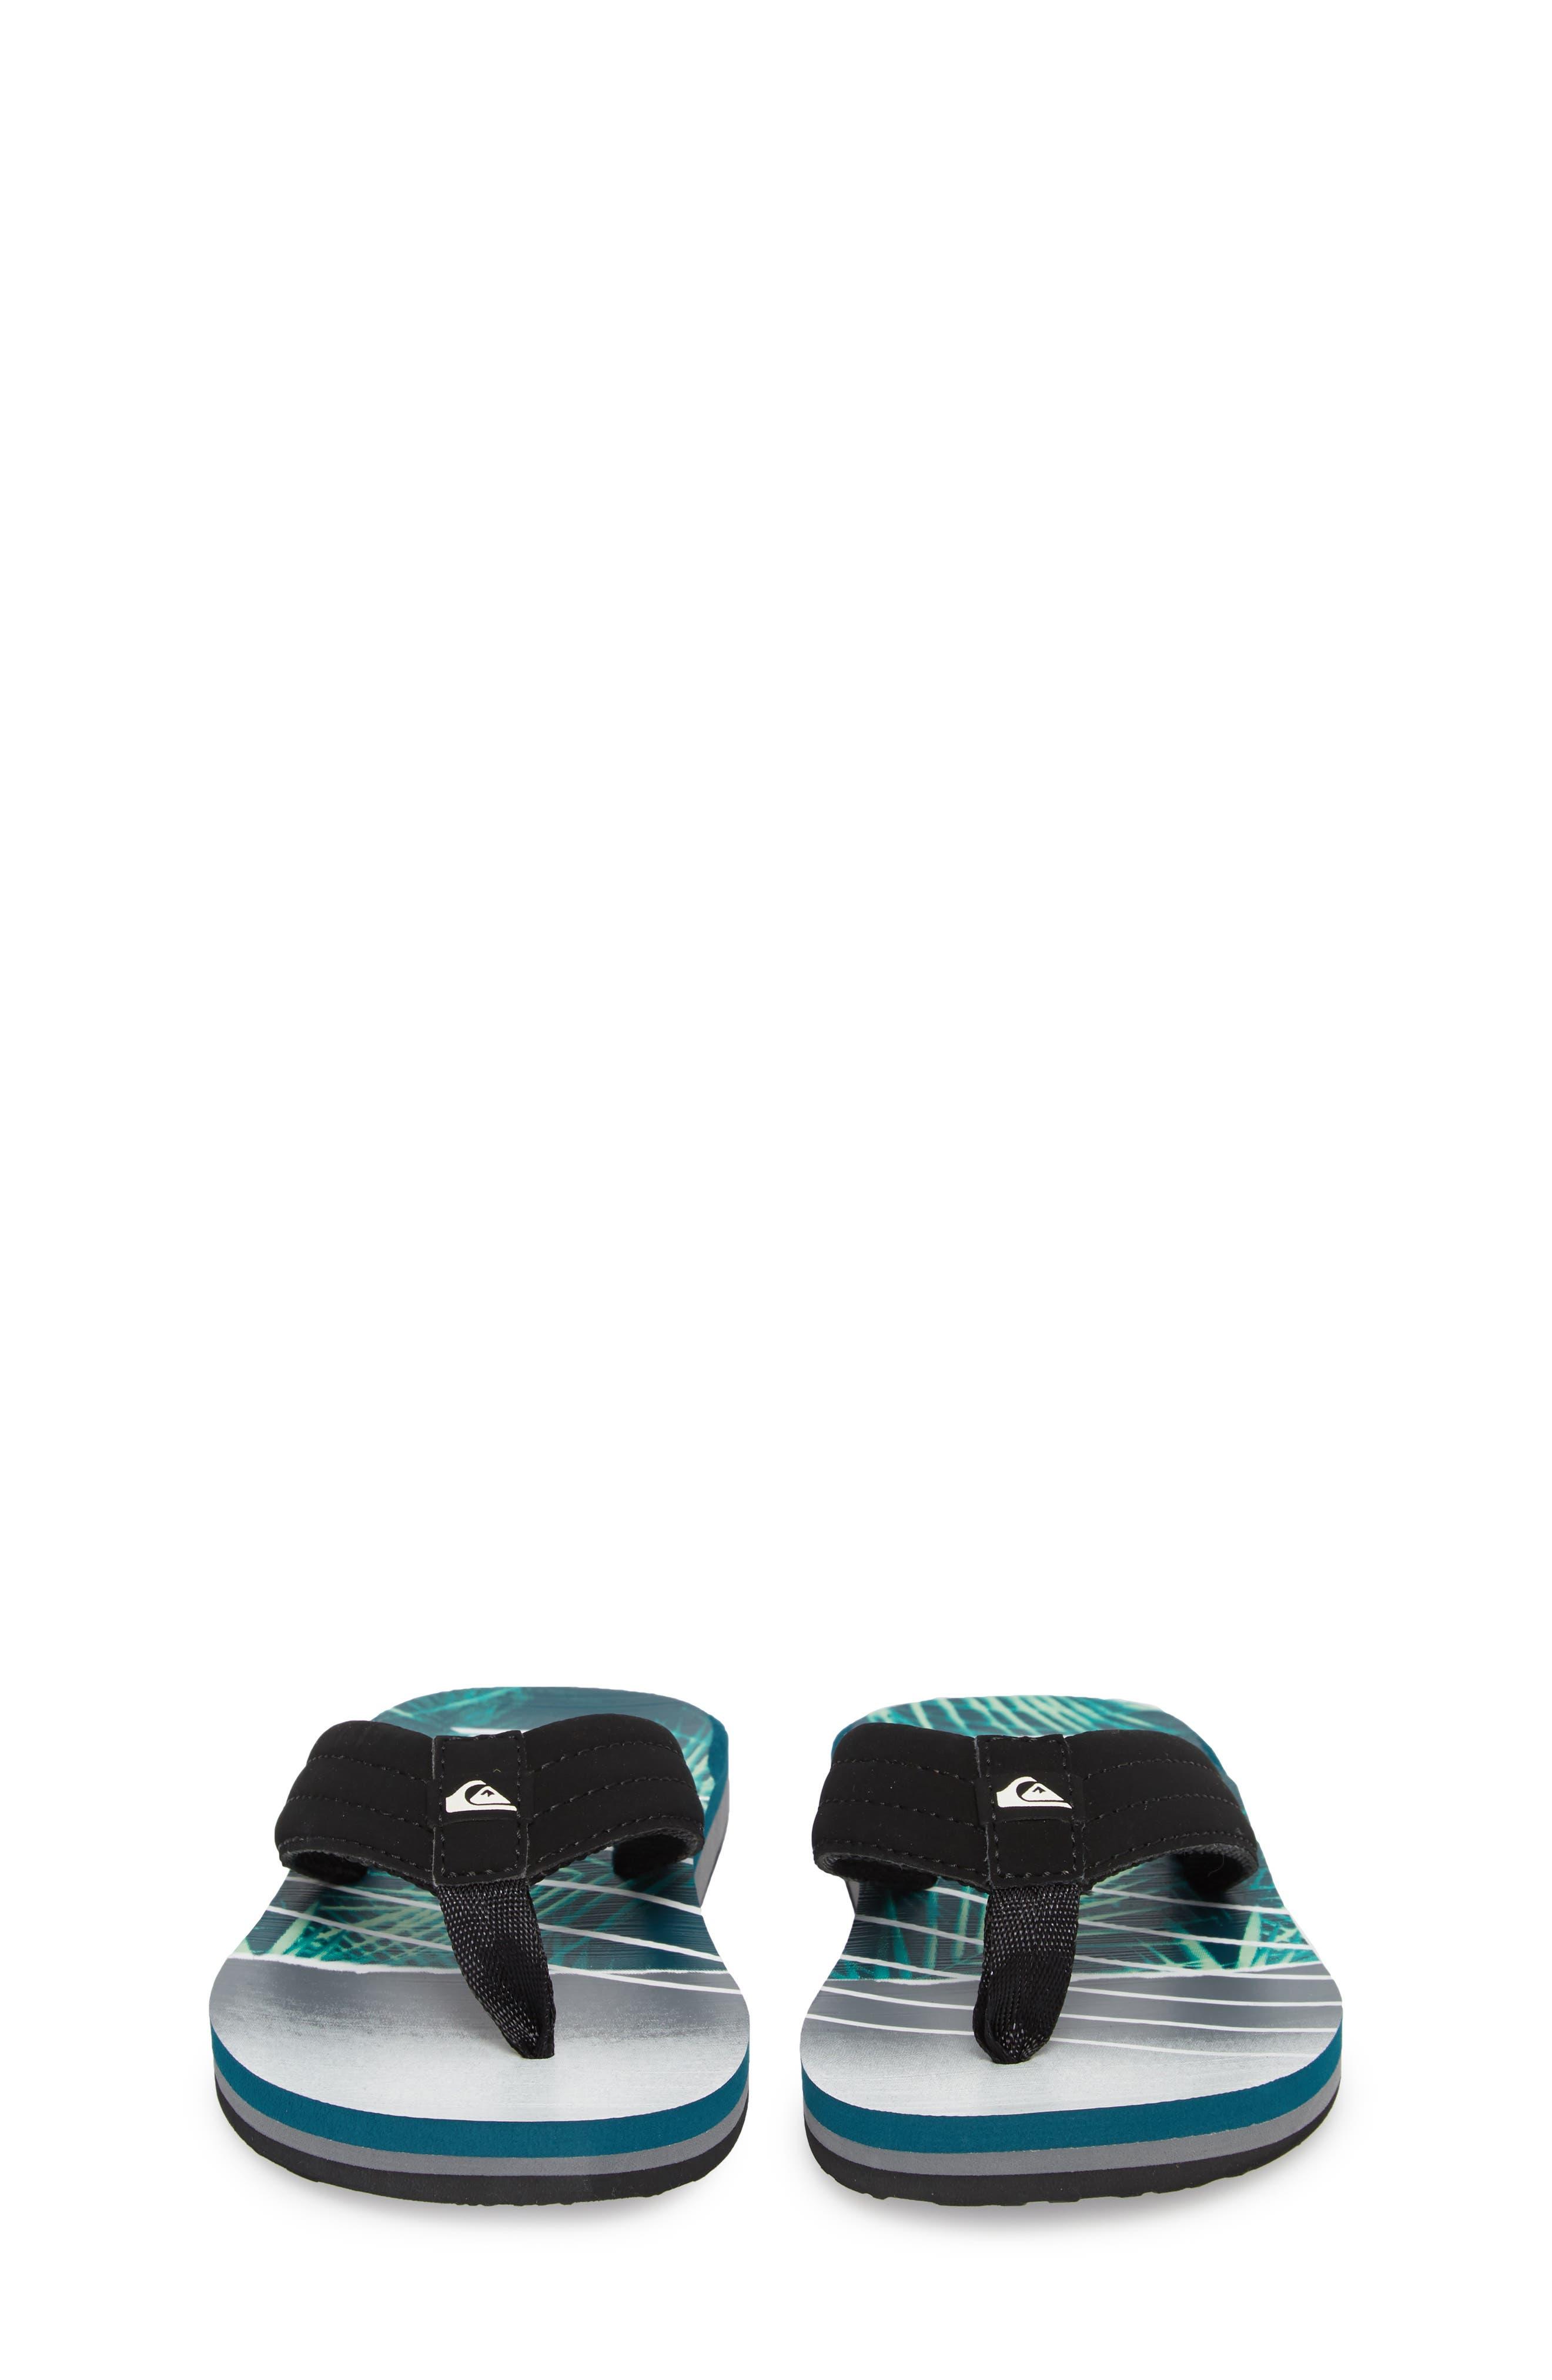 Carver Flip Flop,                             Alternate thumbnail 5, color,                             Black/ Green